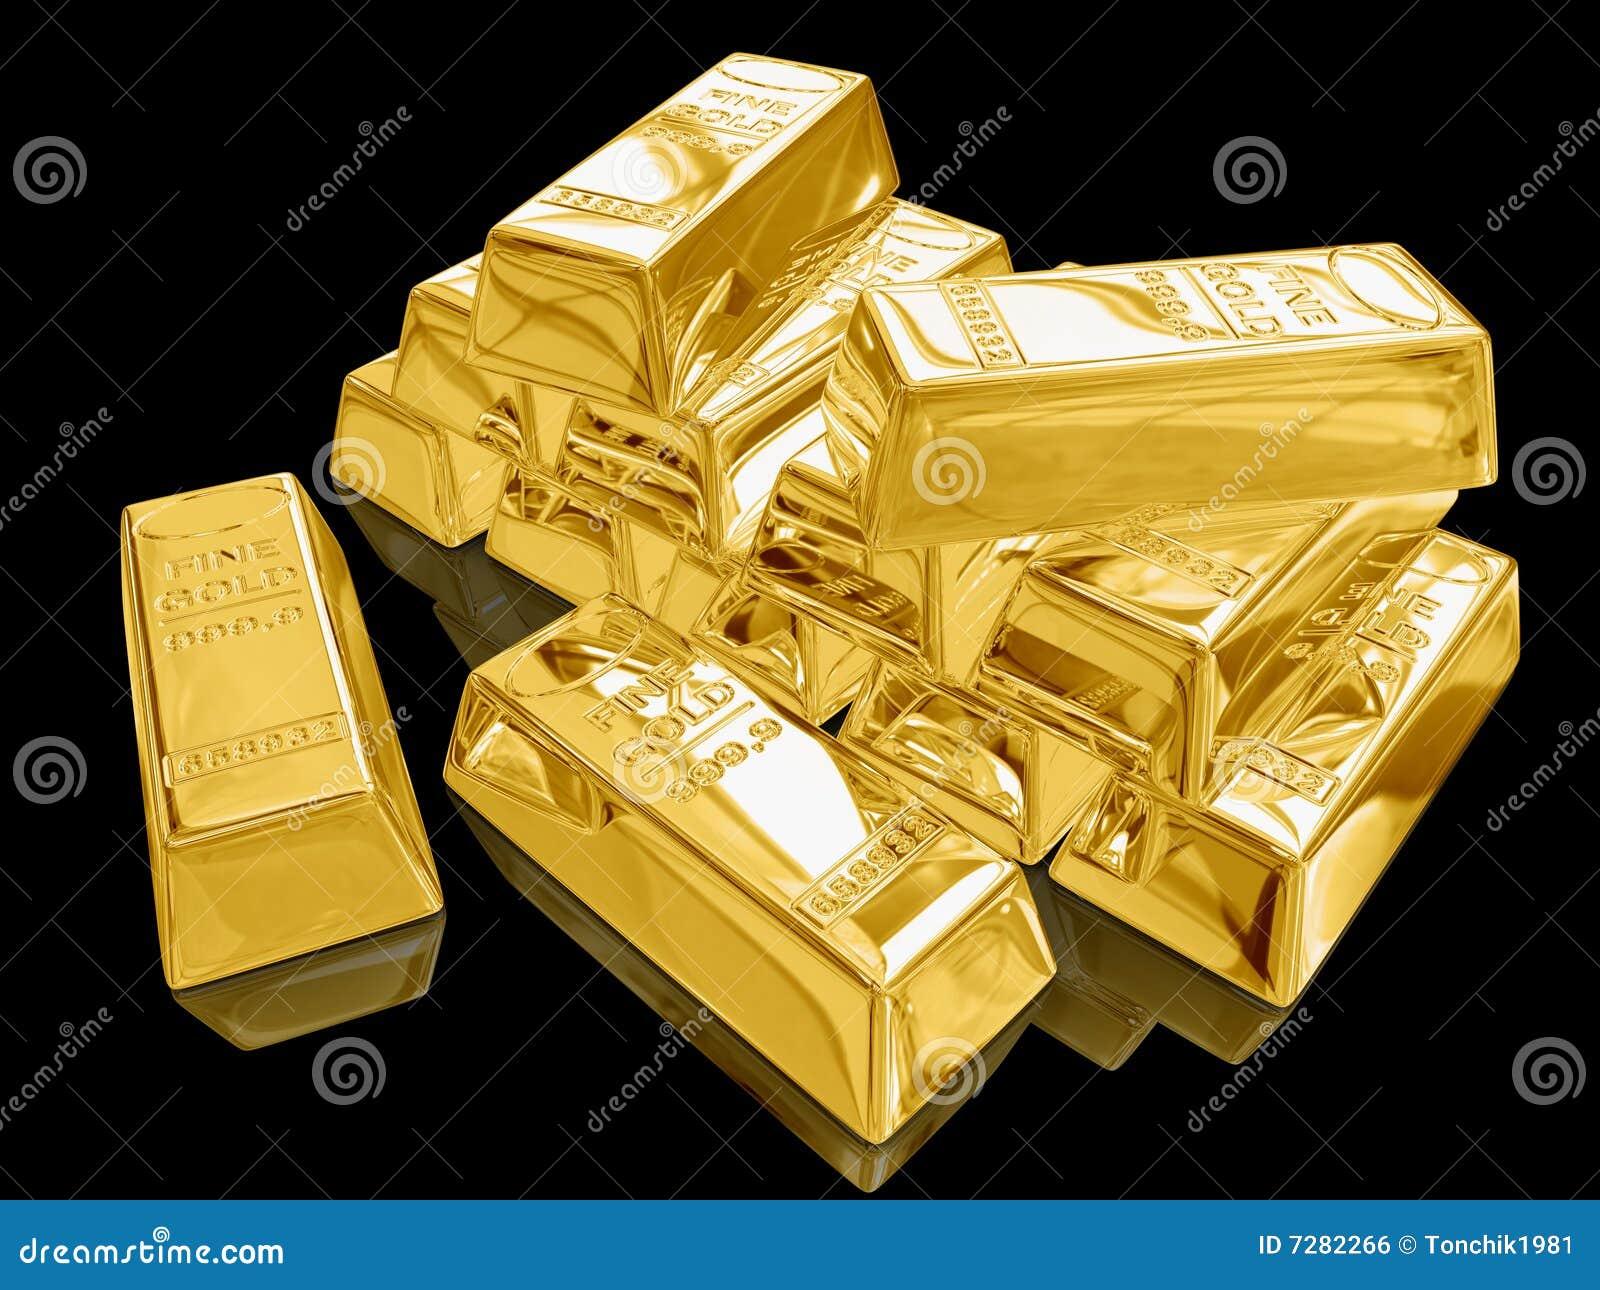 Barras de oro.